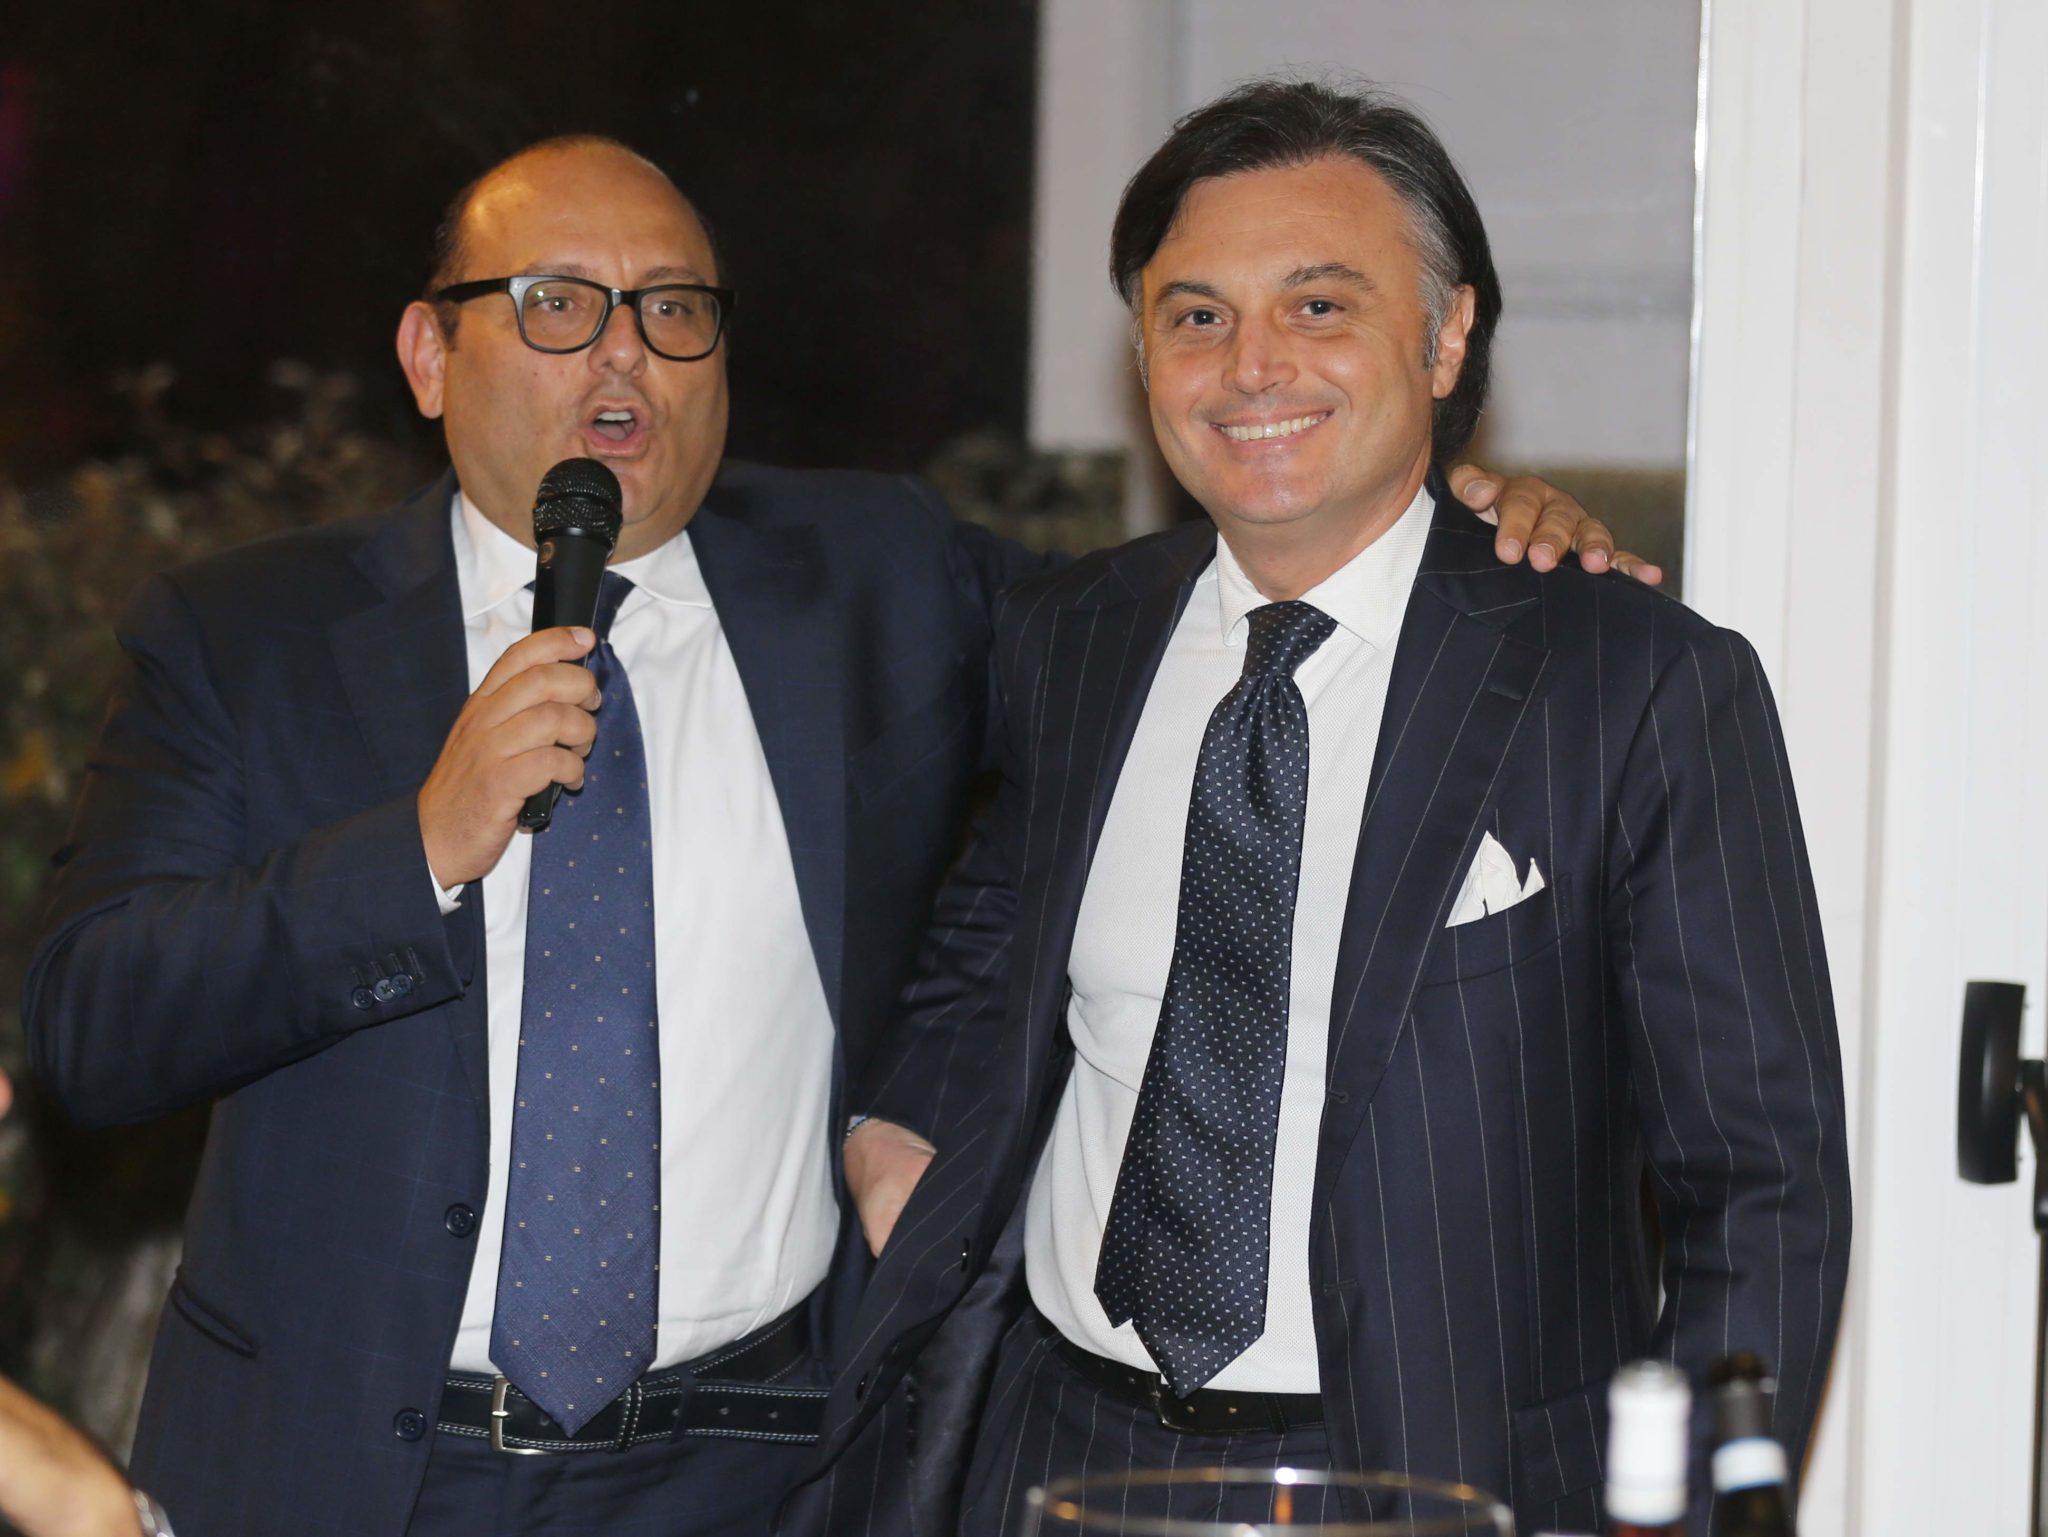 Il Pres. Nazionale Assimpresa Antonio Fortuna E Il Pres. Chieti-Pescara Ernesto Petricca